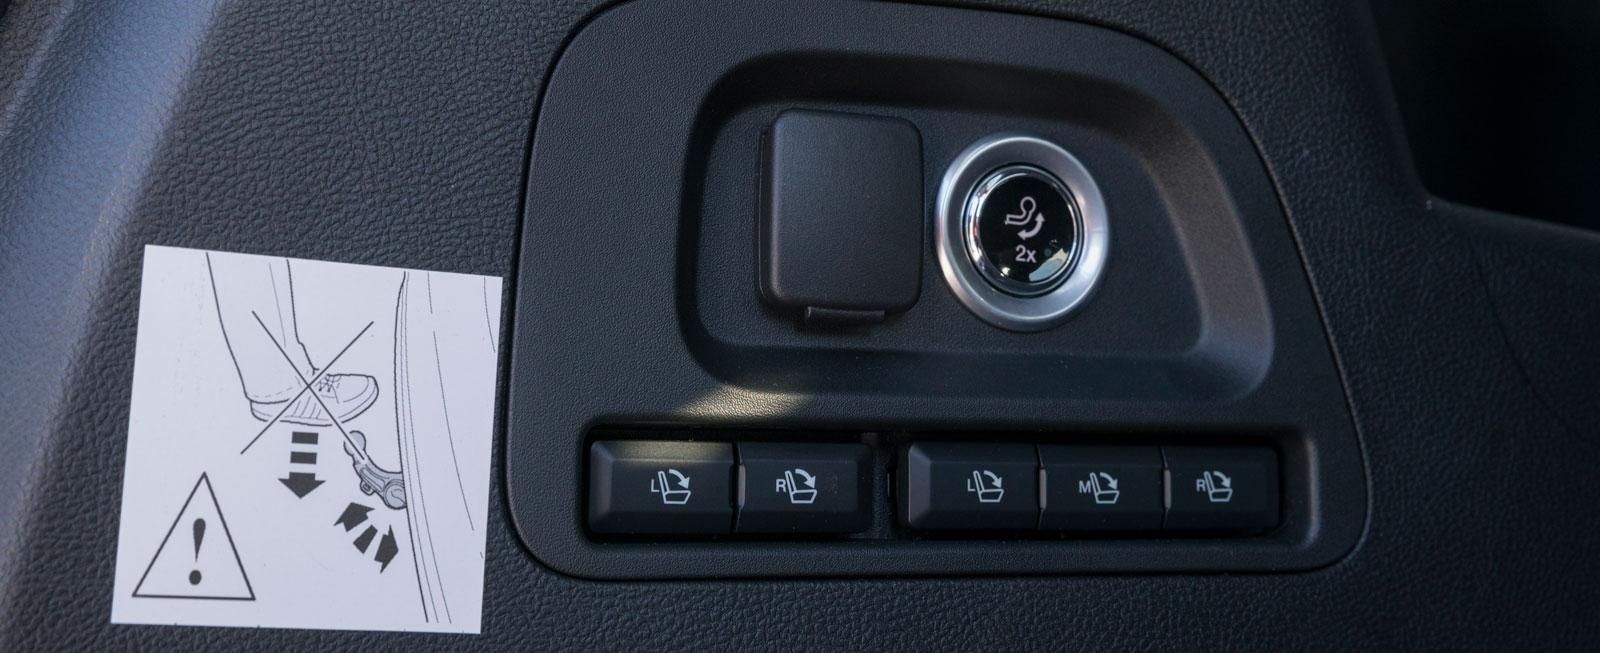 Knappmeny på bagagets innervägg för att automatiskt fälla ned bakstolarna (tillval för 1360 kr). Den elektriska dragkroken (10200 kr) åker både ut och in medelst knapptryckning.